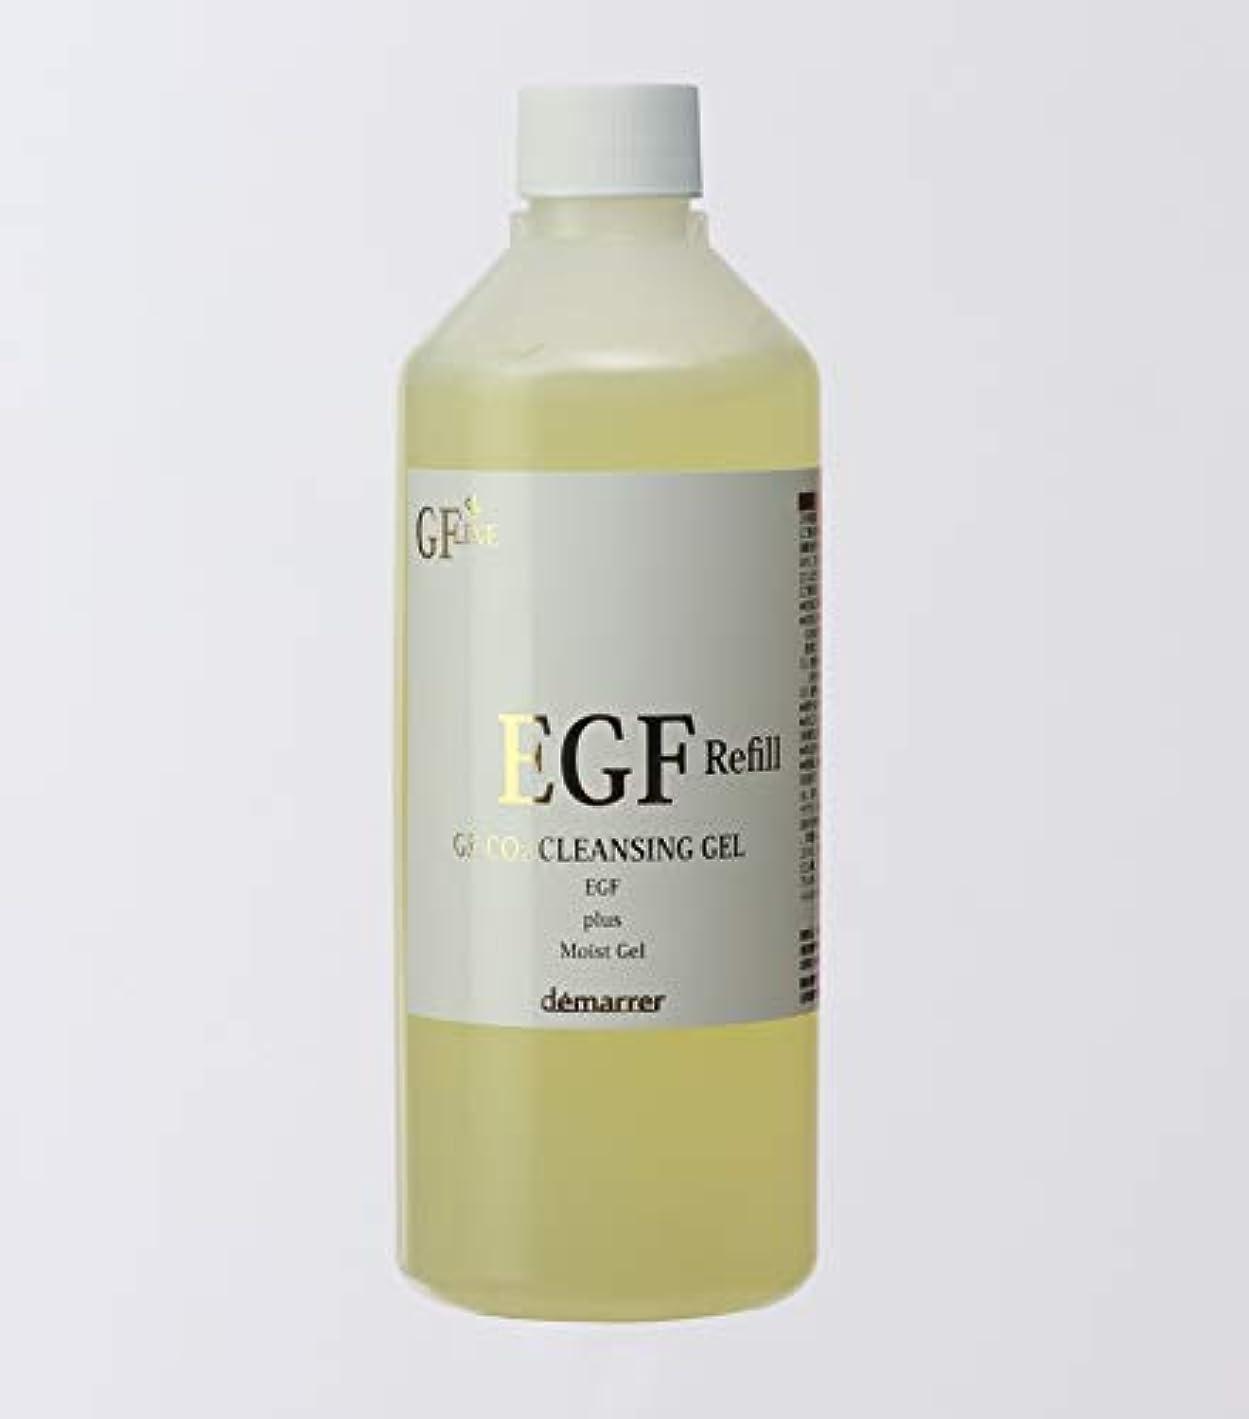 活発体操置き場デマレ GF 炭酸洗顔クレンジング 400g レフィル